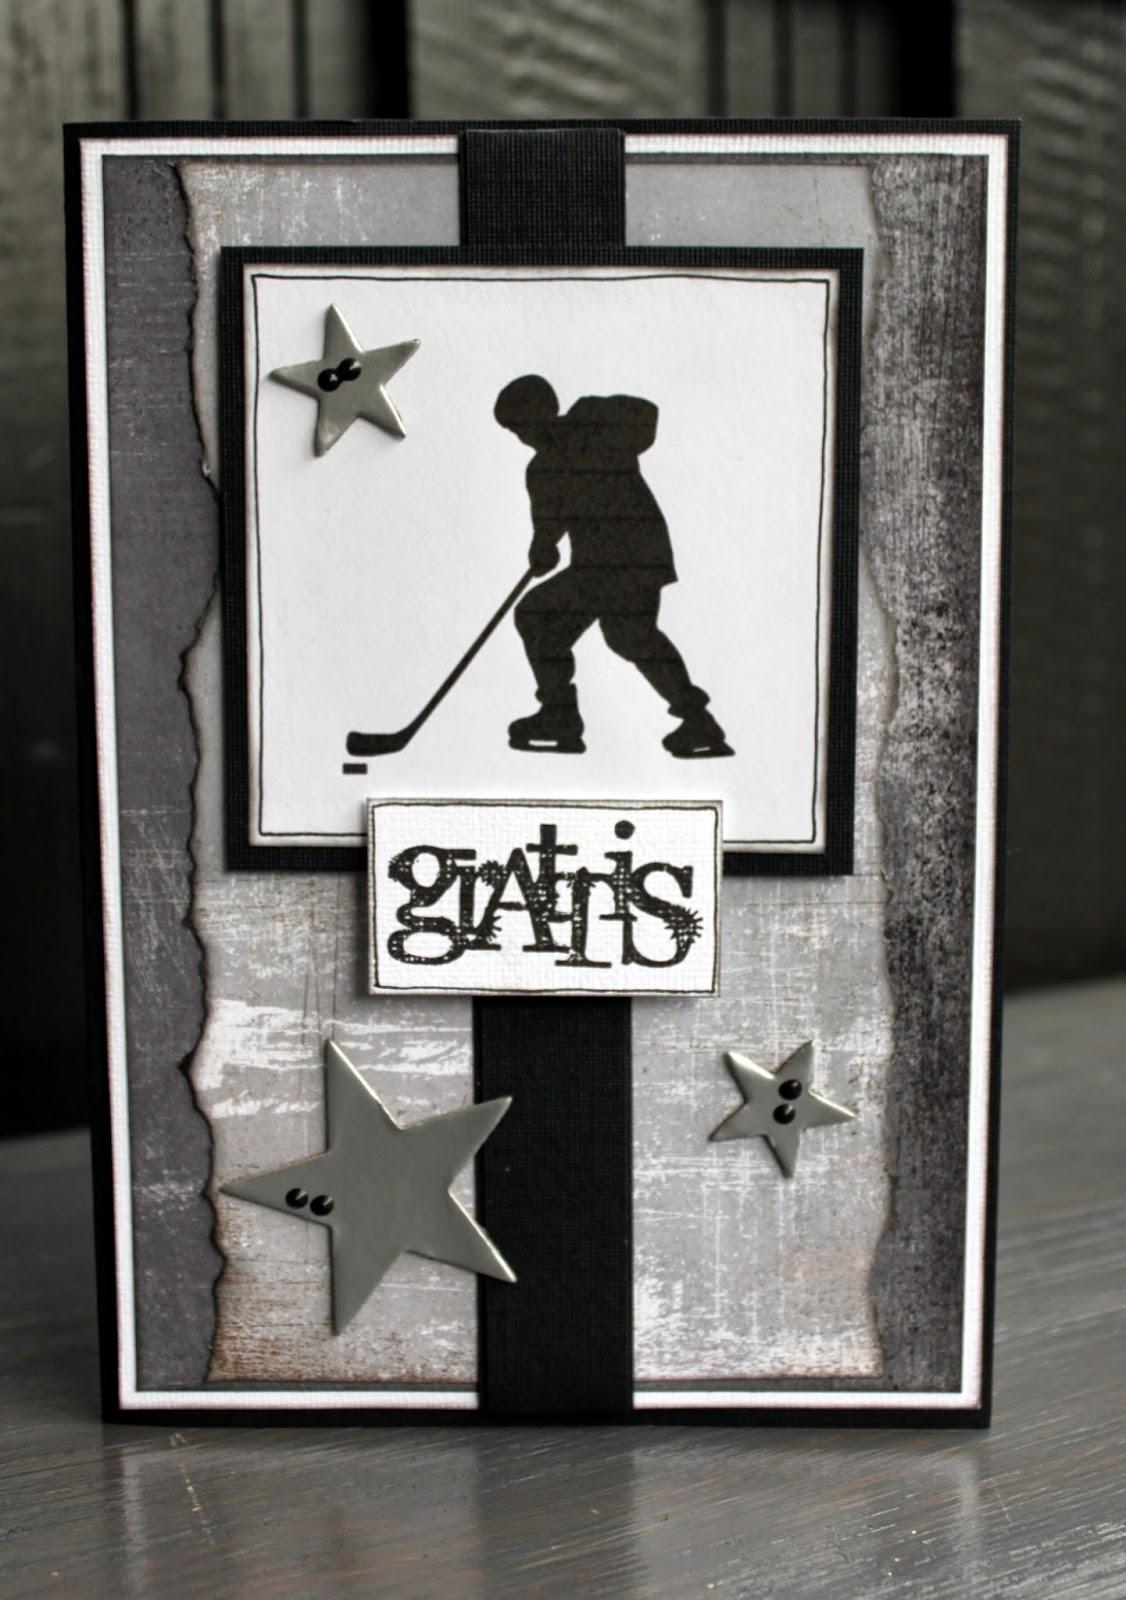 grattiskort kille hemma hos ulrika: Grattiskort till en hockey kille grattiskort kille